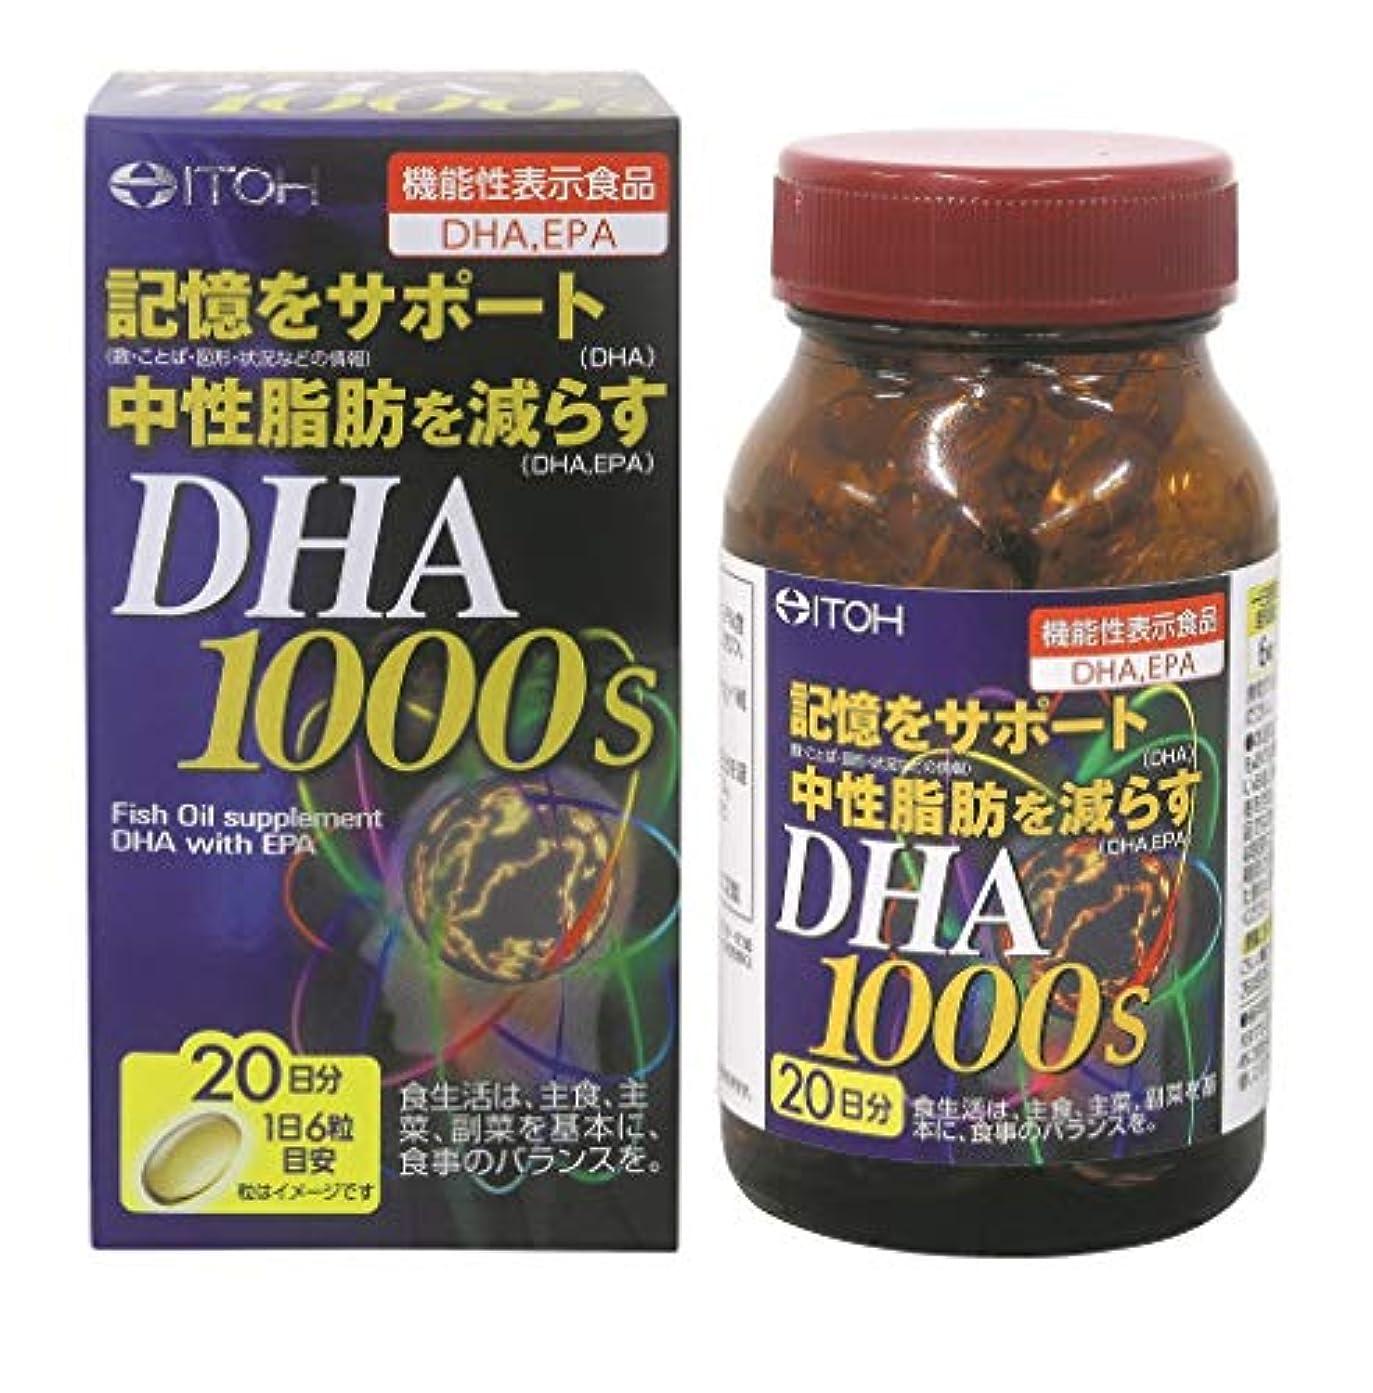 祝う士気周り井藤漢方製薬 DHA1000 (ディーエイチエー) 約20日分 120粒